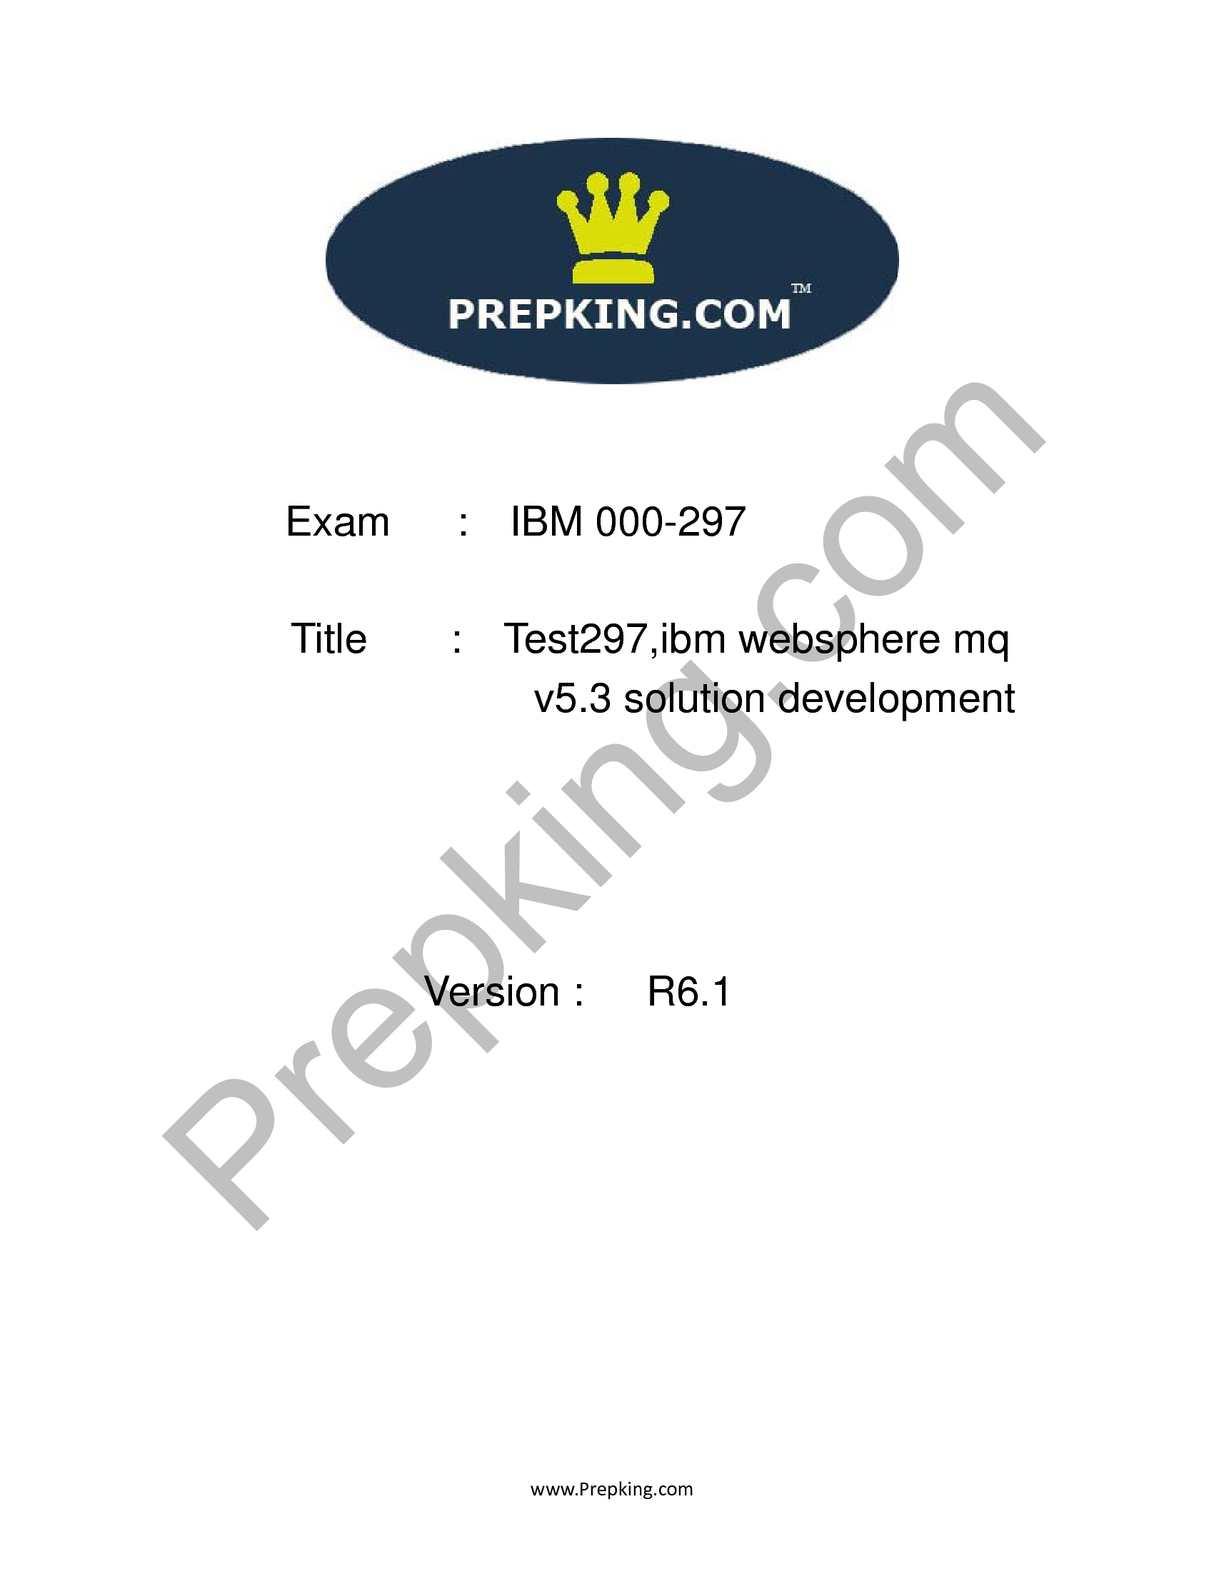 Calaméo - Prepking 000-297 Exam Questions